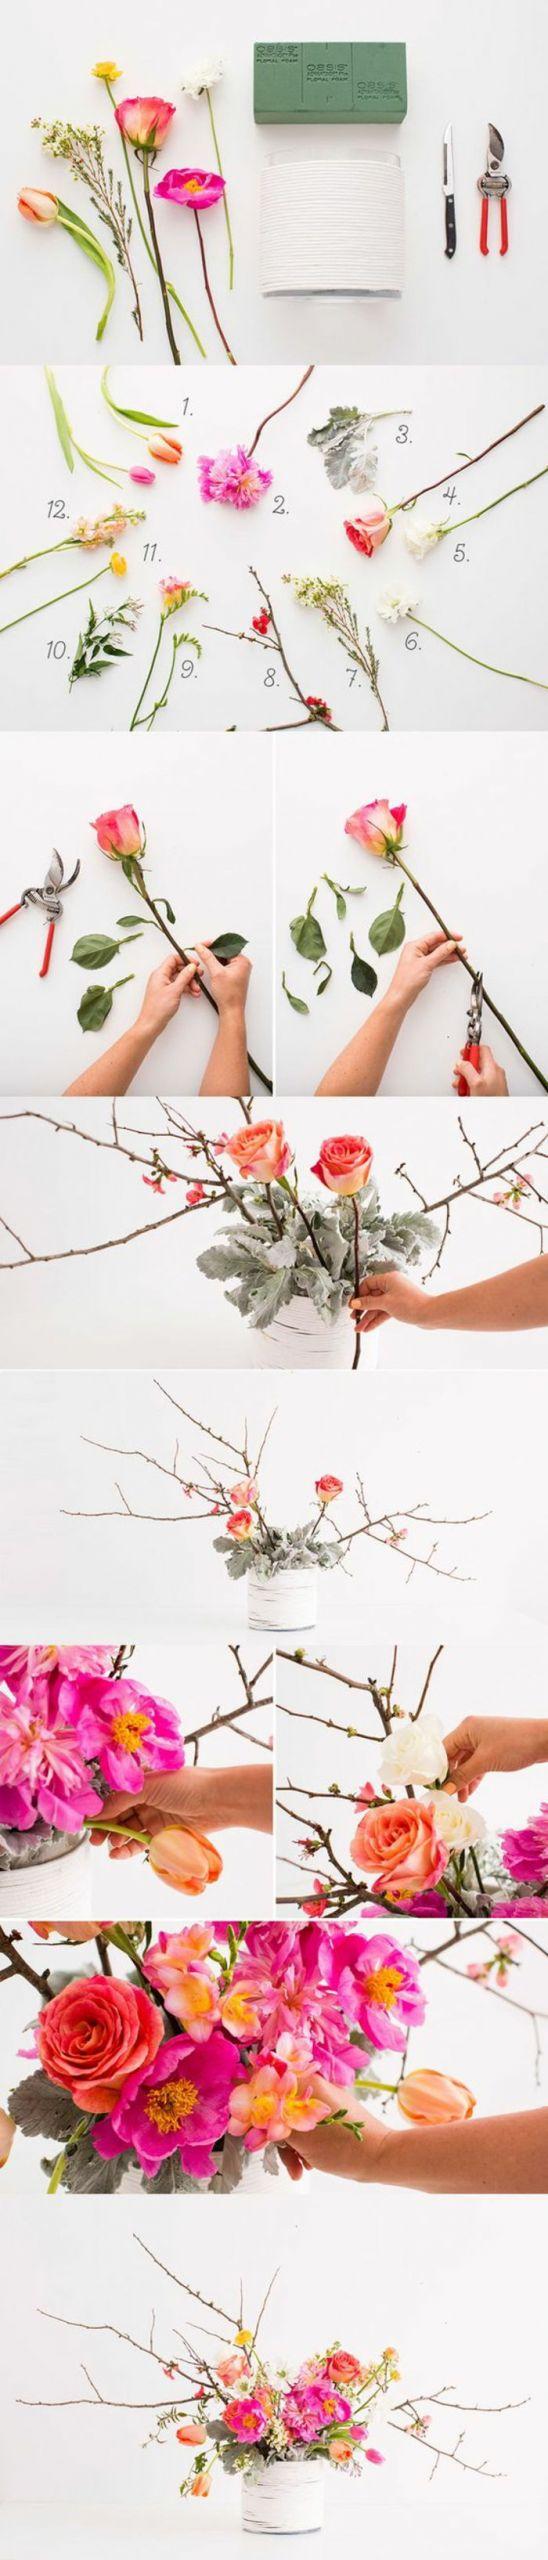 bastelideen fr C3 BChling rosen blumen zange schwamm vase zweige fr C3 BChlingsdekoration